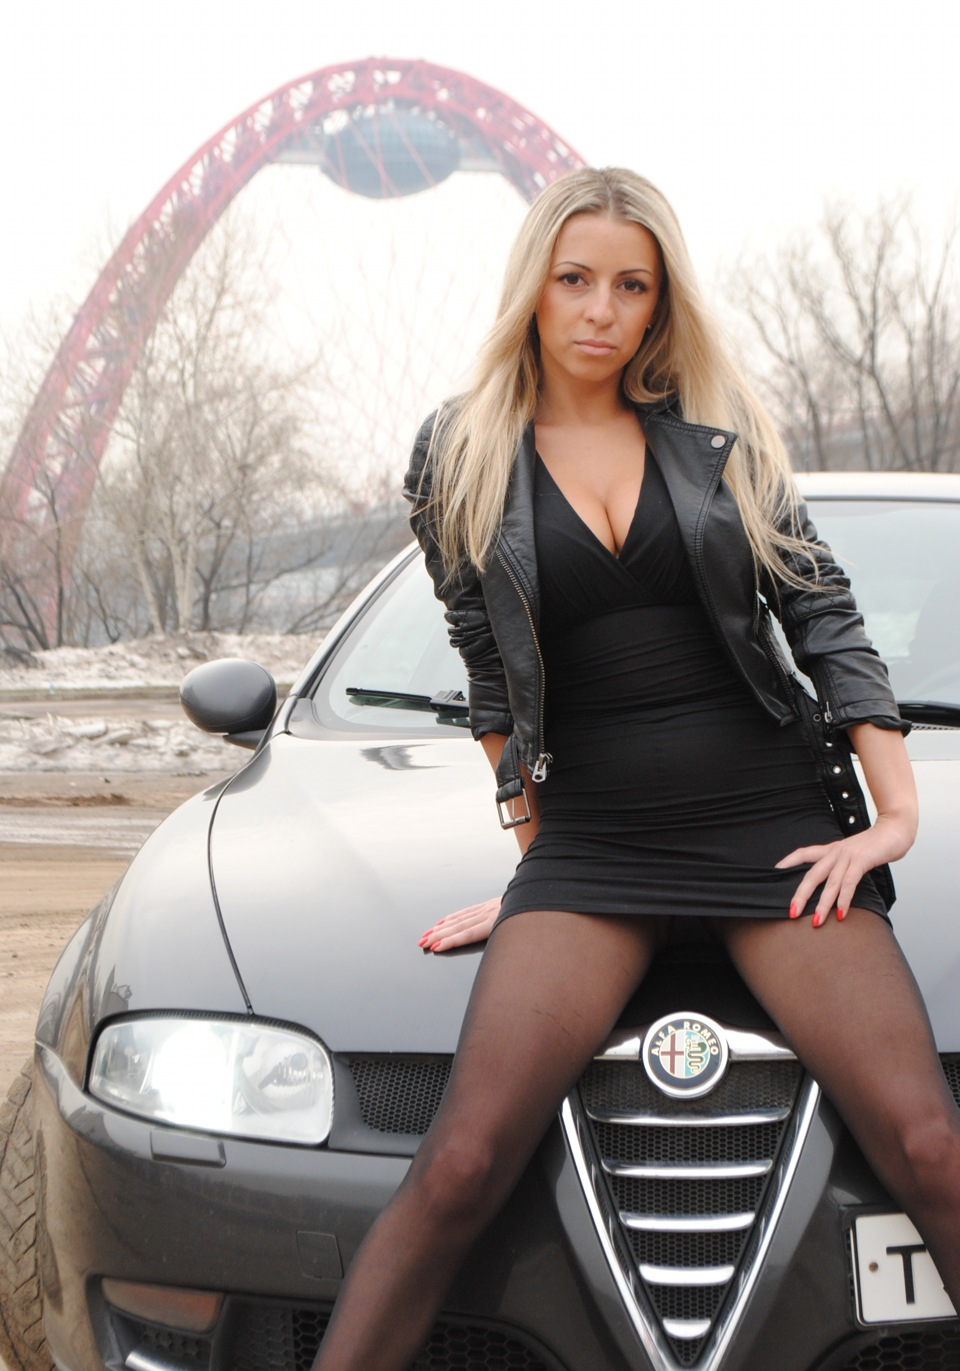 порно онлайн • бесплатное онлайн видео на русском